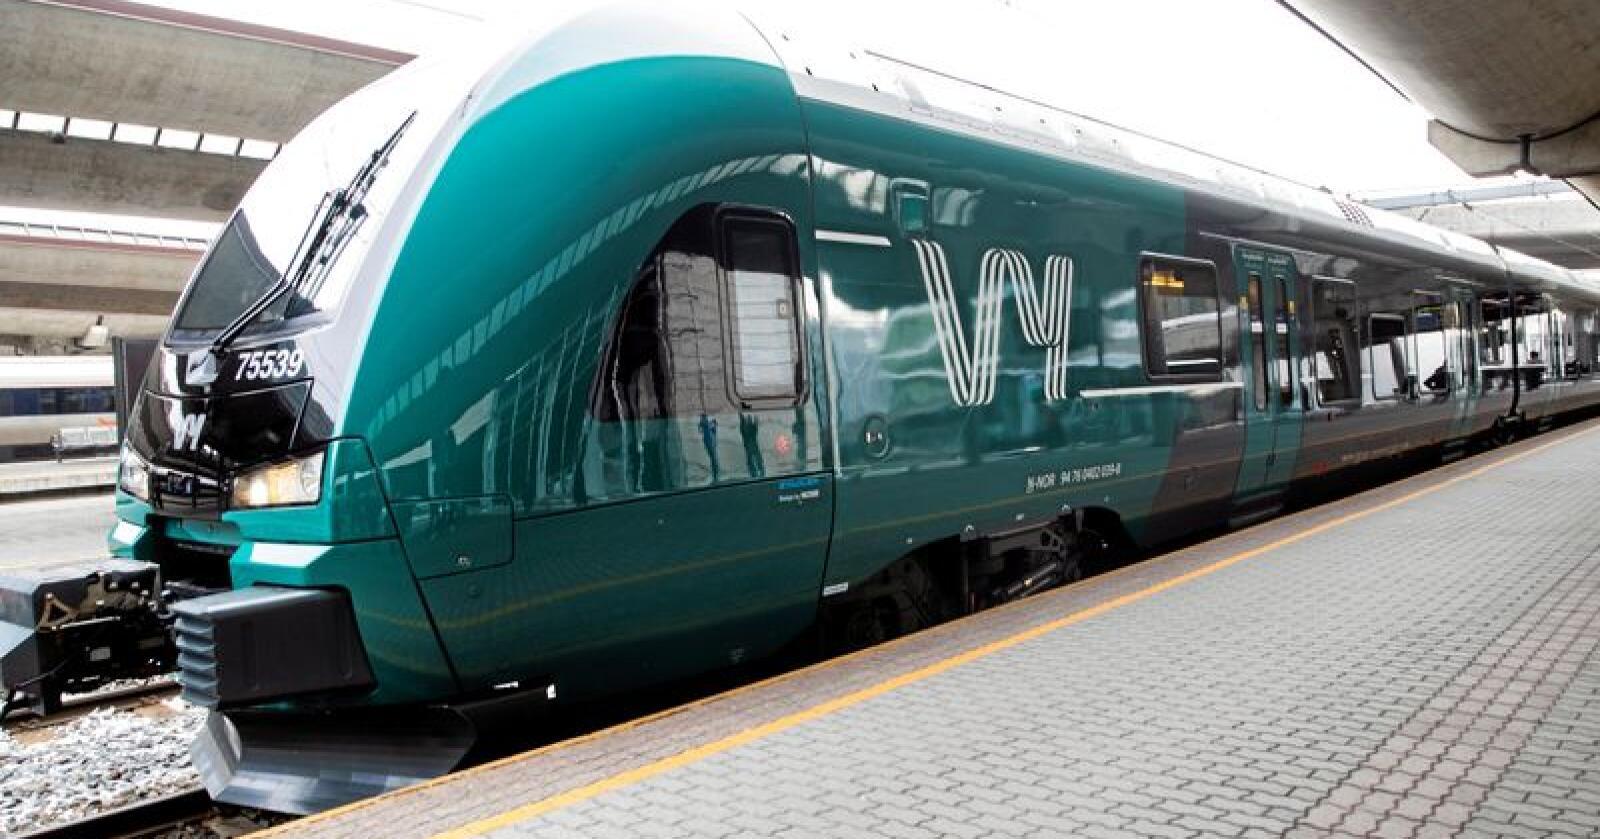 Vy leier togsett fra det statlige selskapet Norske tog. I 2018 betalte vy 1,2 milliarder kroner for disse. Foto: Berit Roald / NTB scanpix